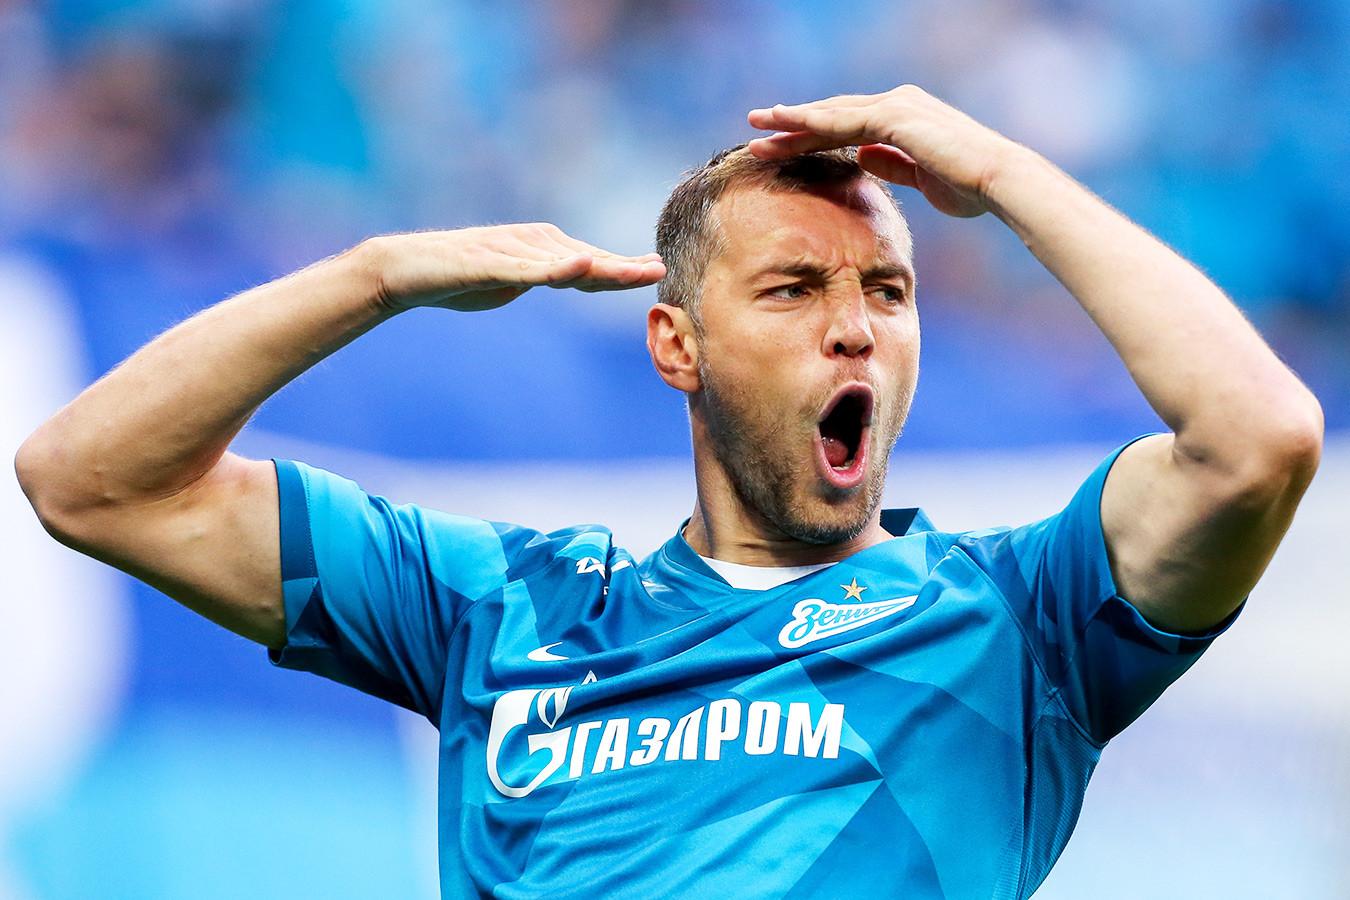 Бывший арбитр Федотов считает, что Дзюба забил не по правилам - фото